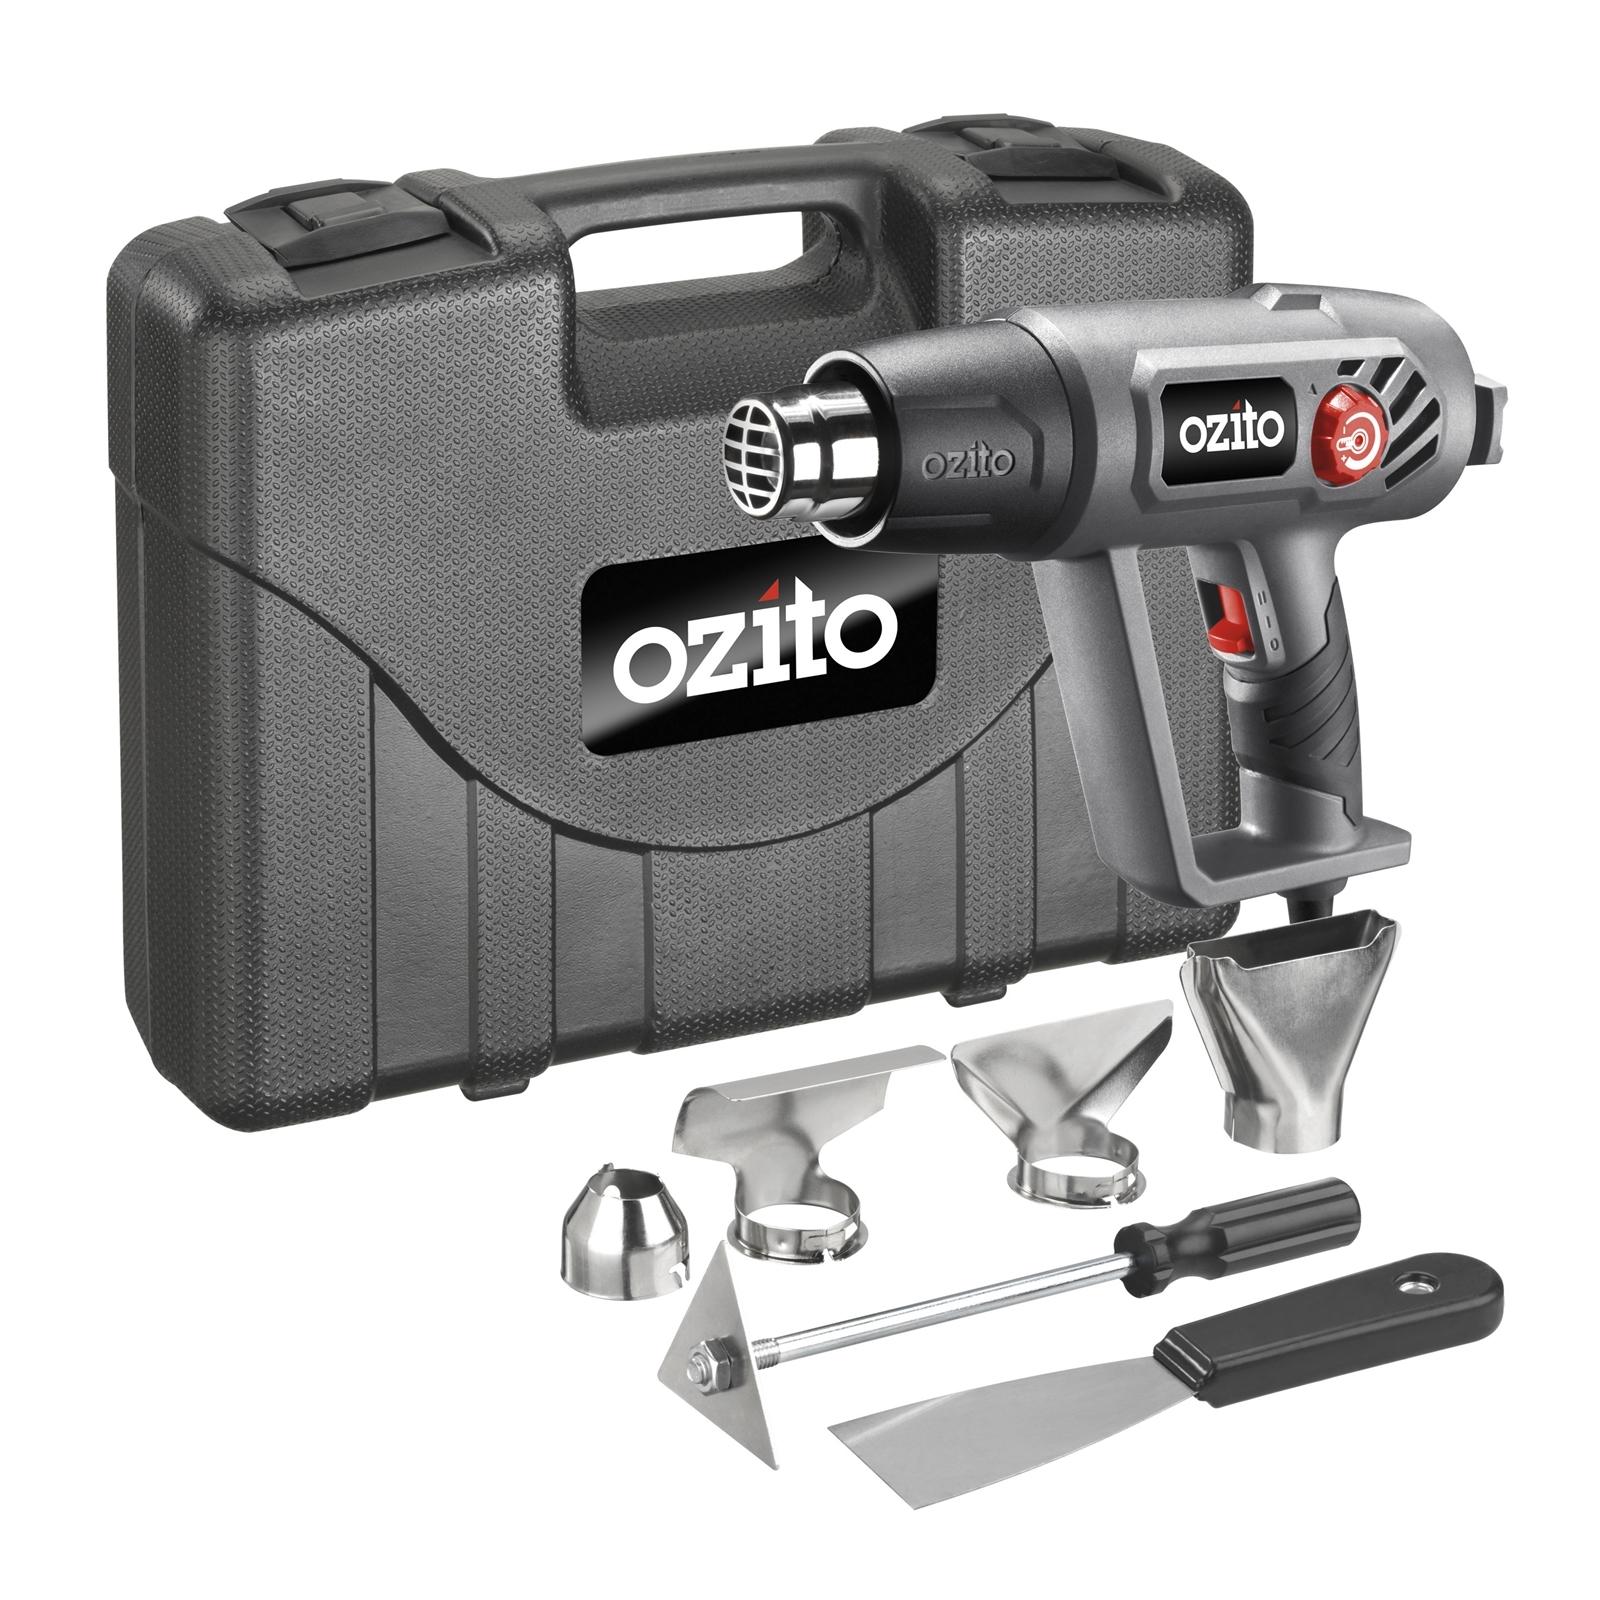 Ozito 2000W Variable Temperature Heat Gun